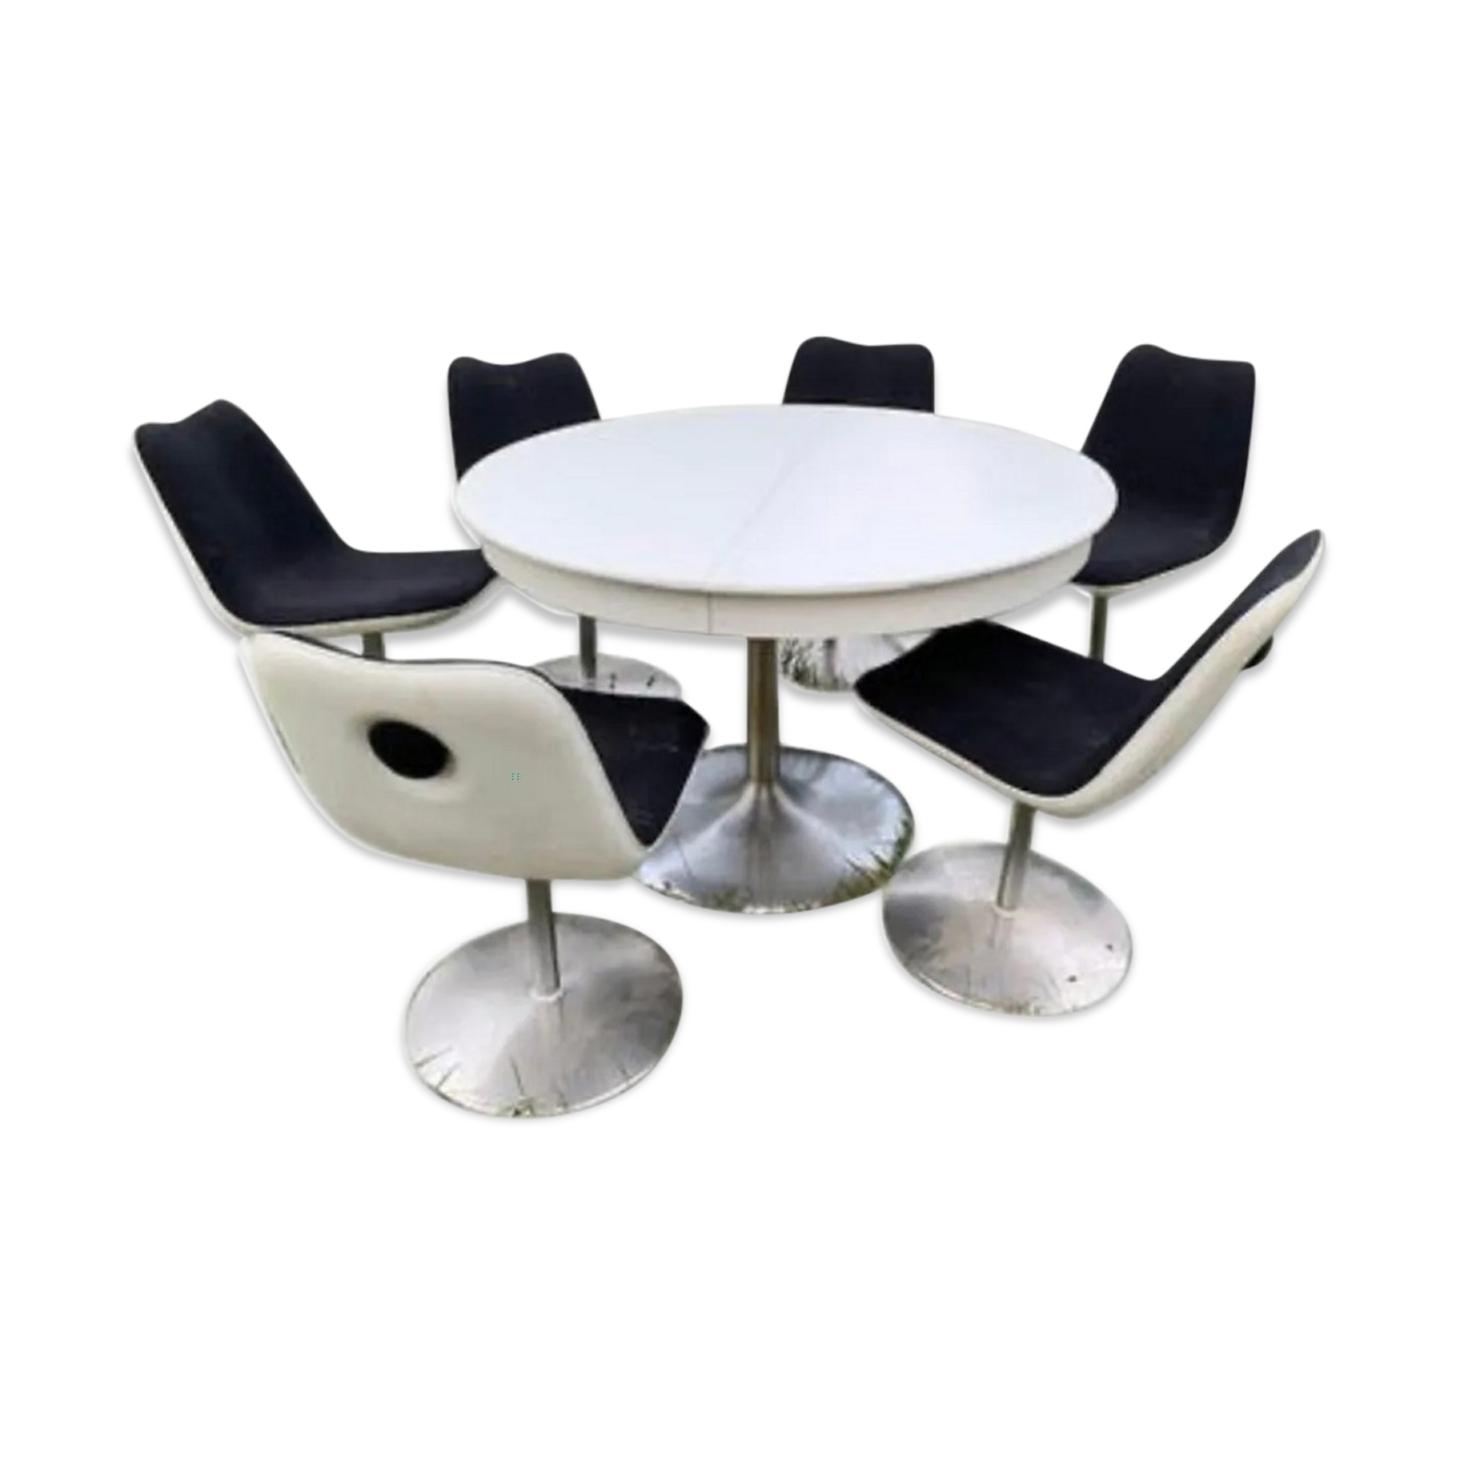 Salle à manger table et 6 chaises par Kristalia Boum